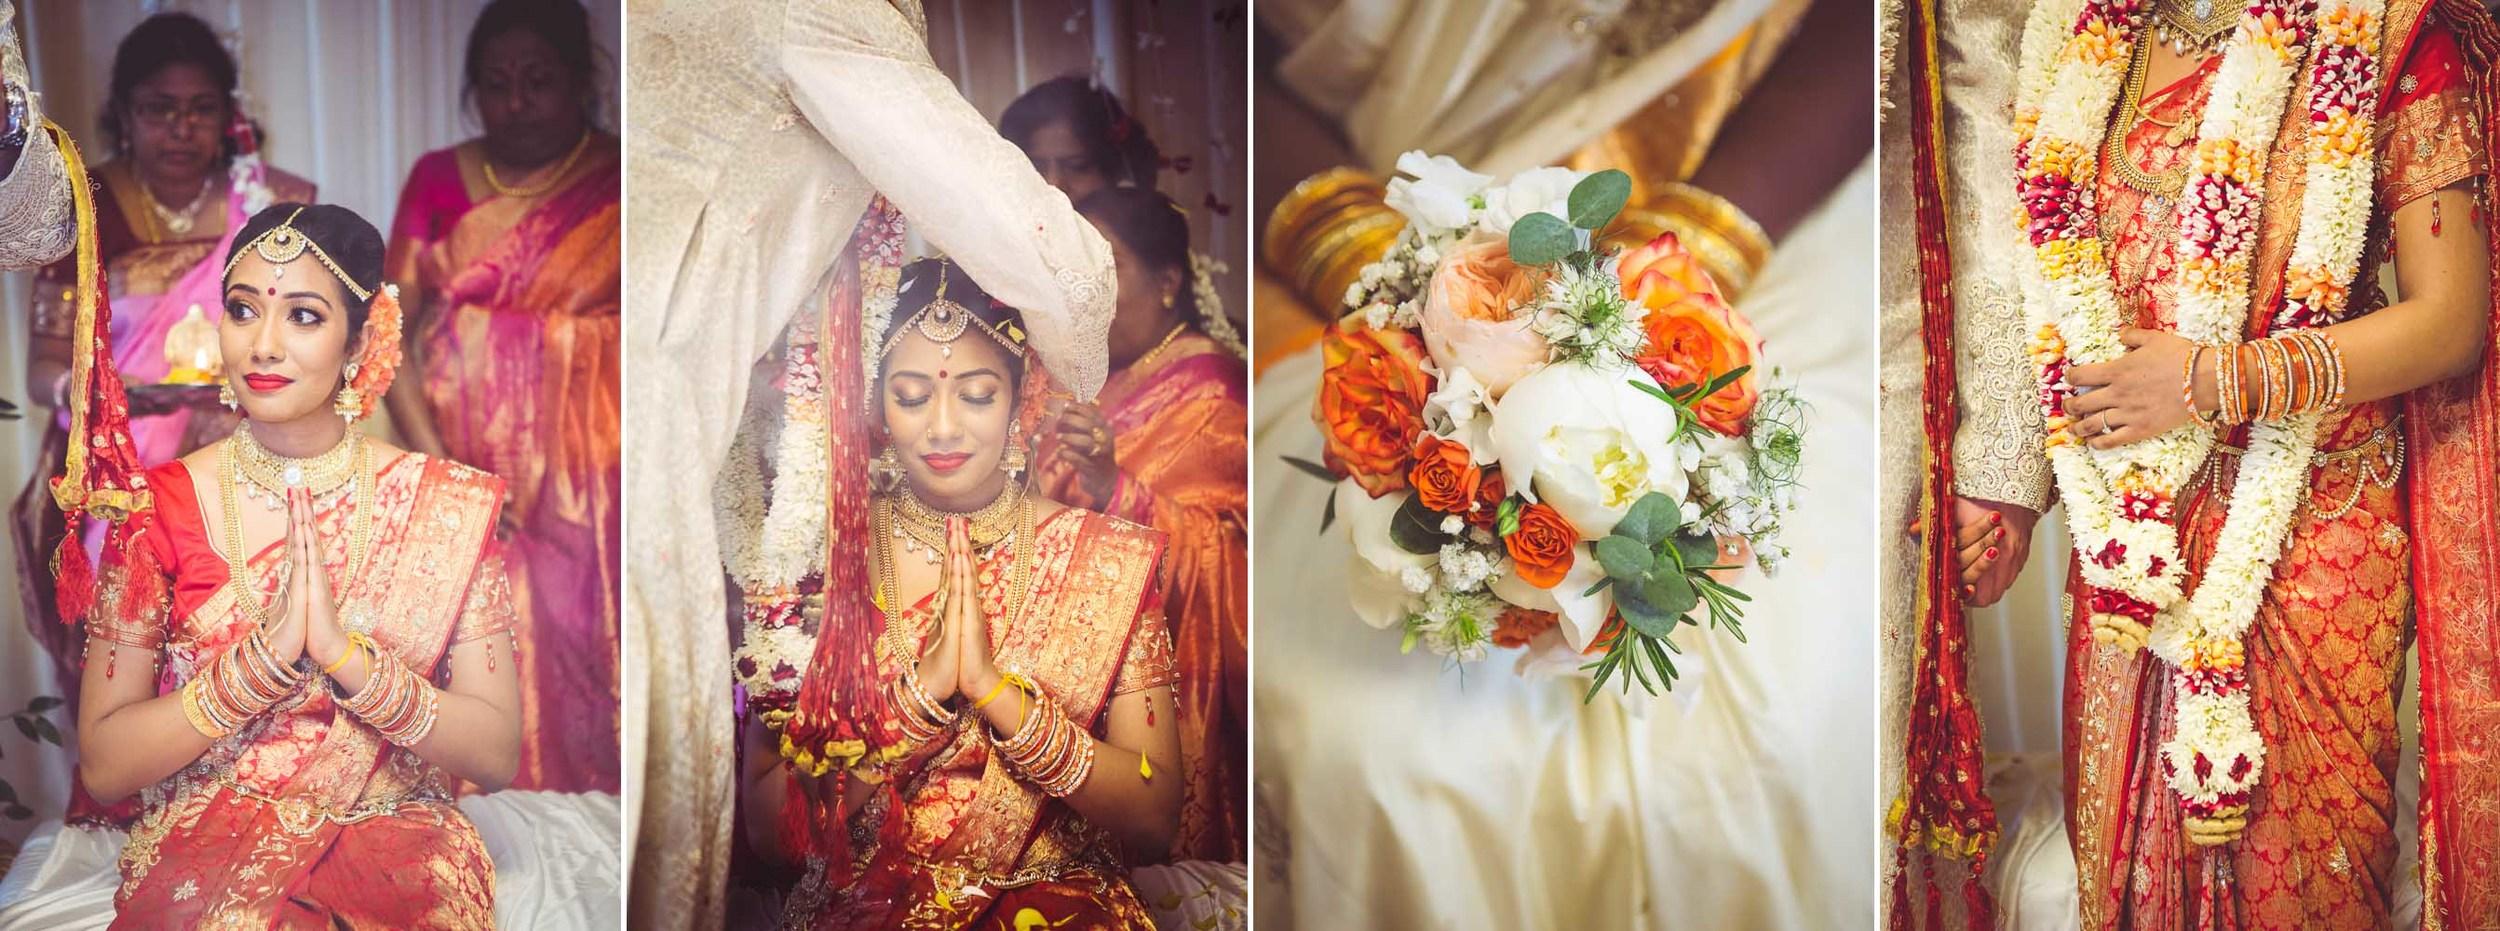 Hackney bride